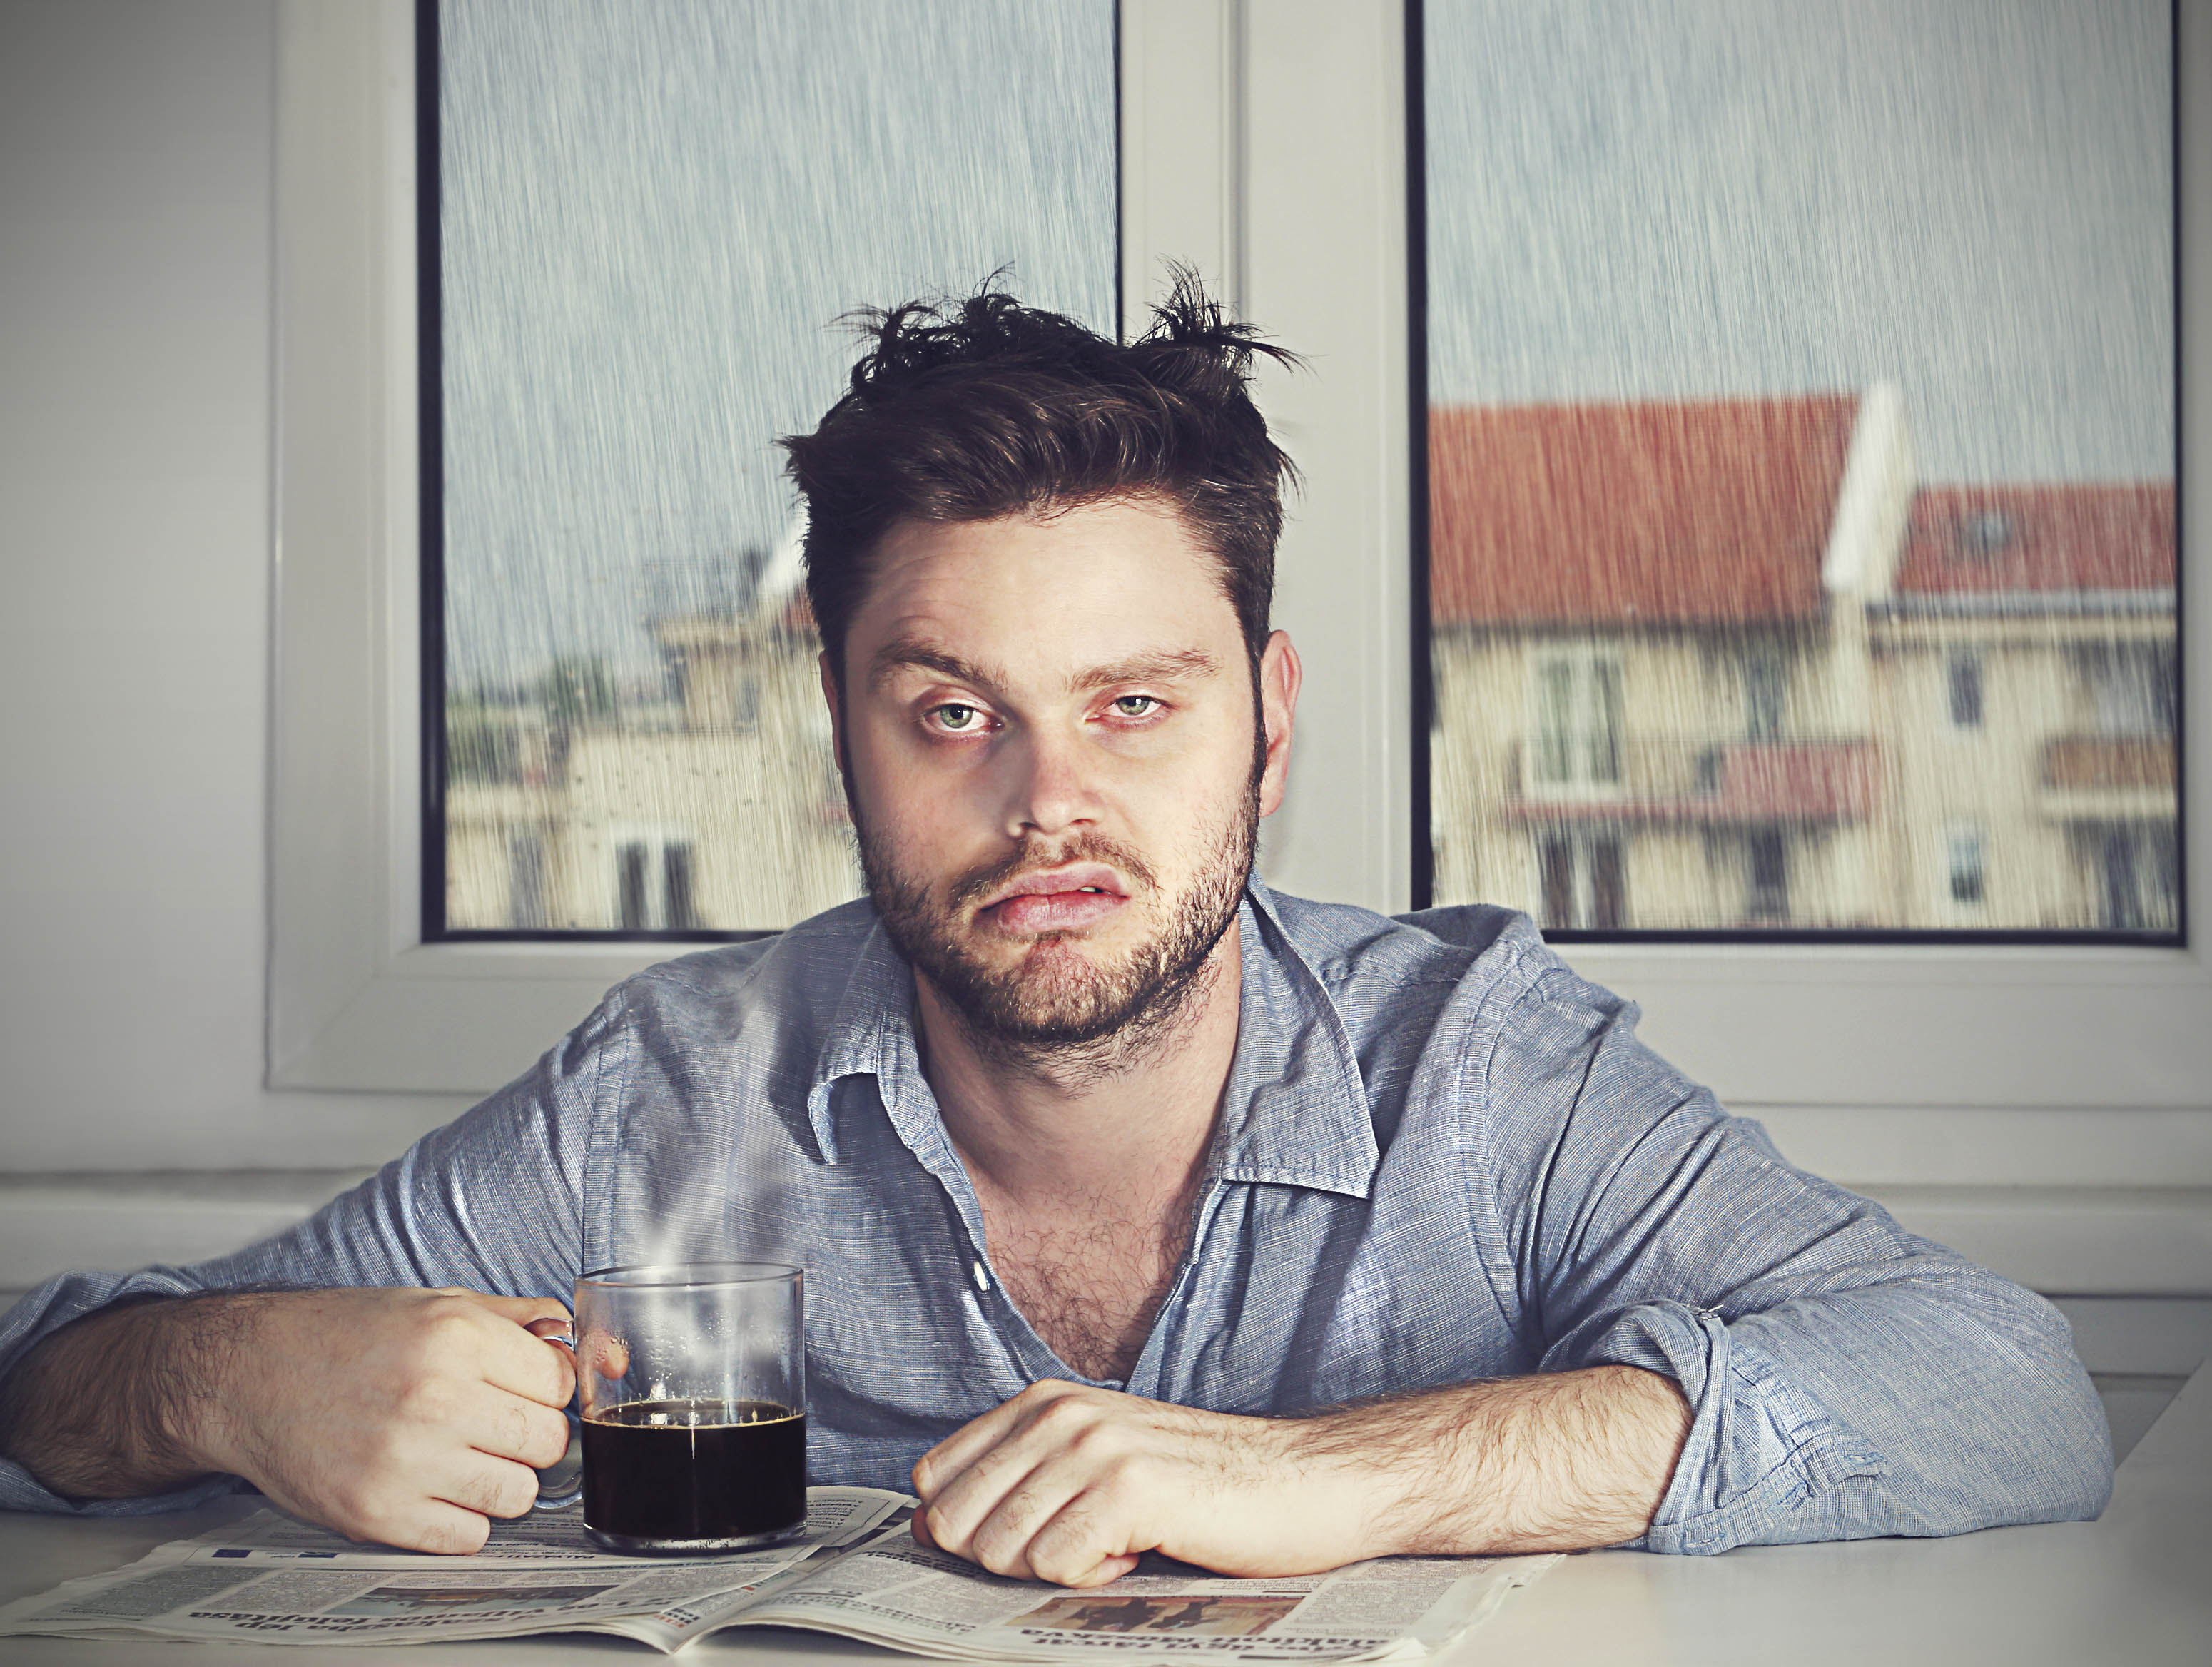 Anche gli uomini soffrono di sindrome premestruale